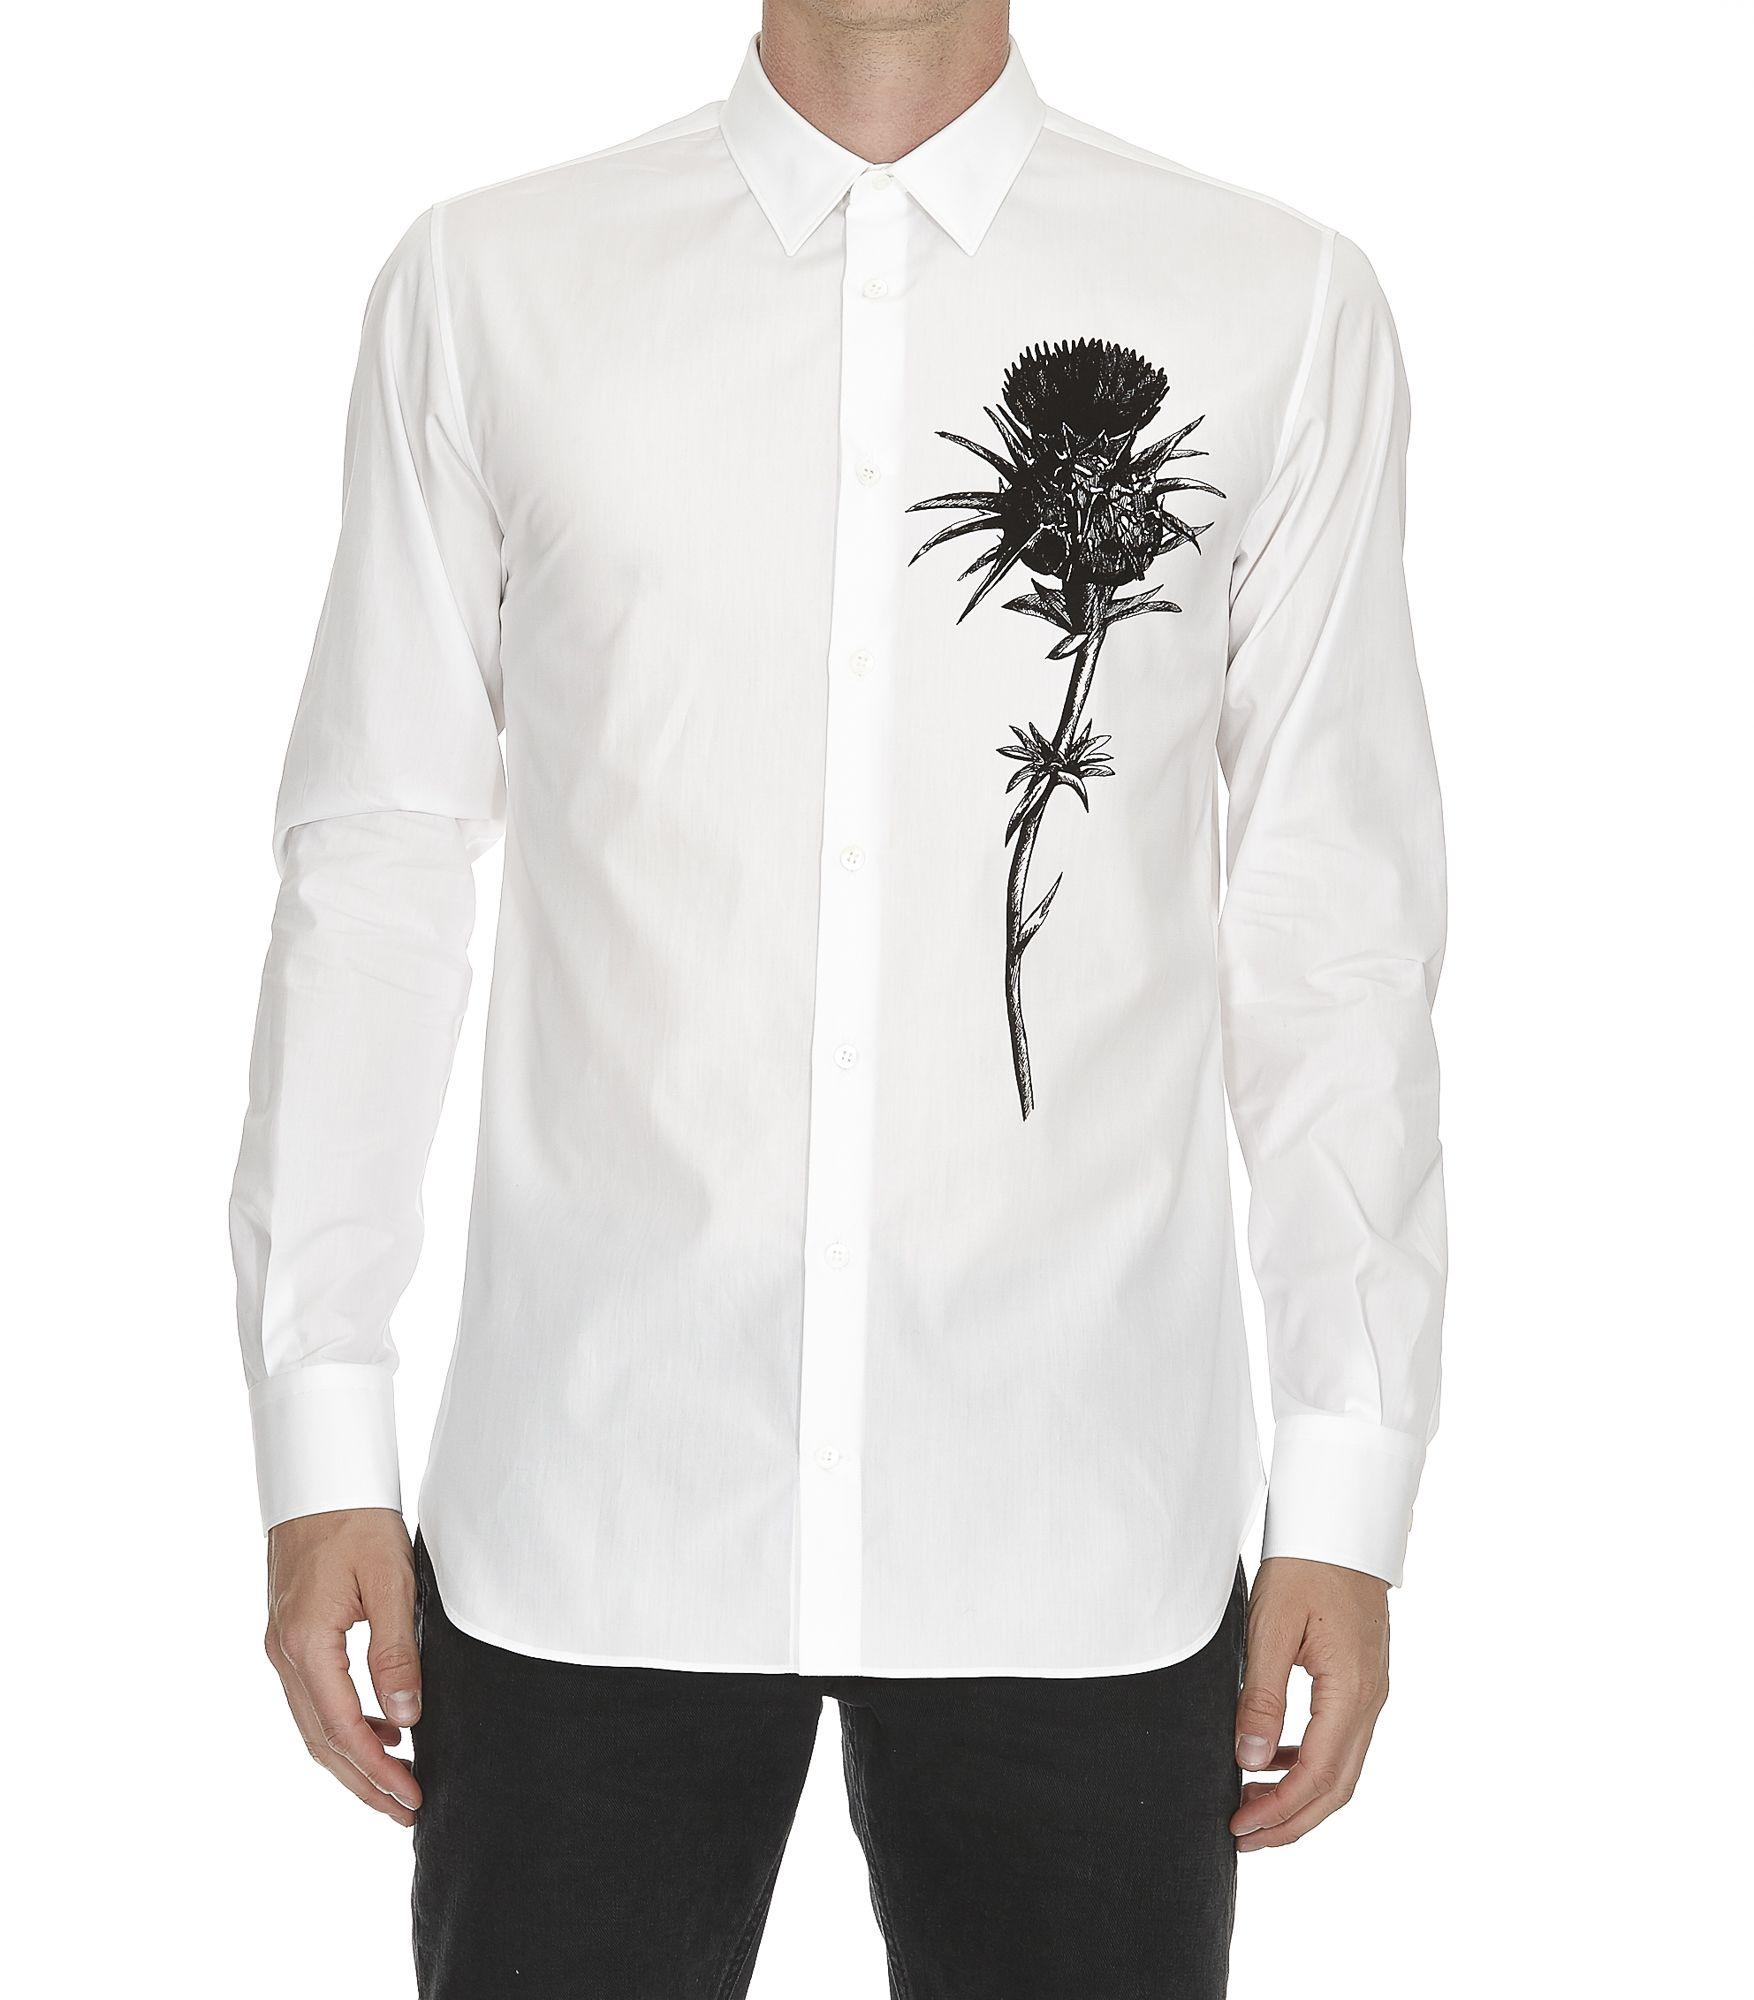 Alexander Mcqueen Thistle Print Shirt